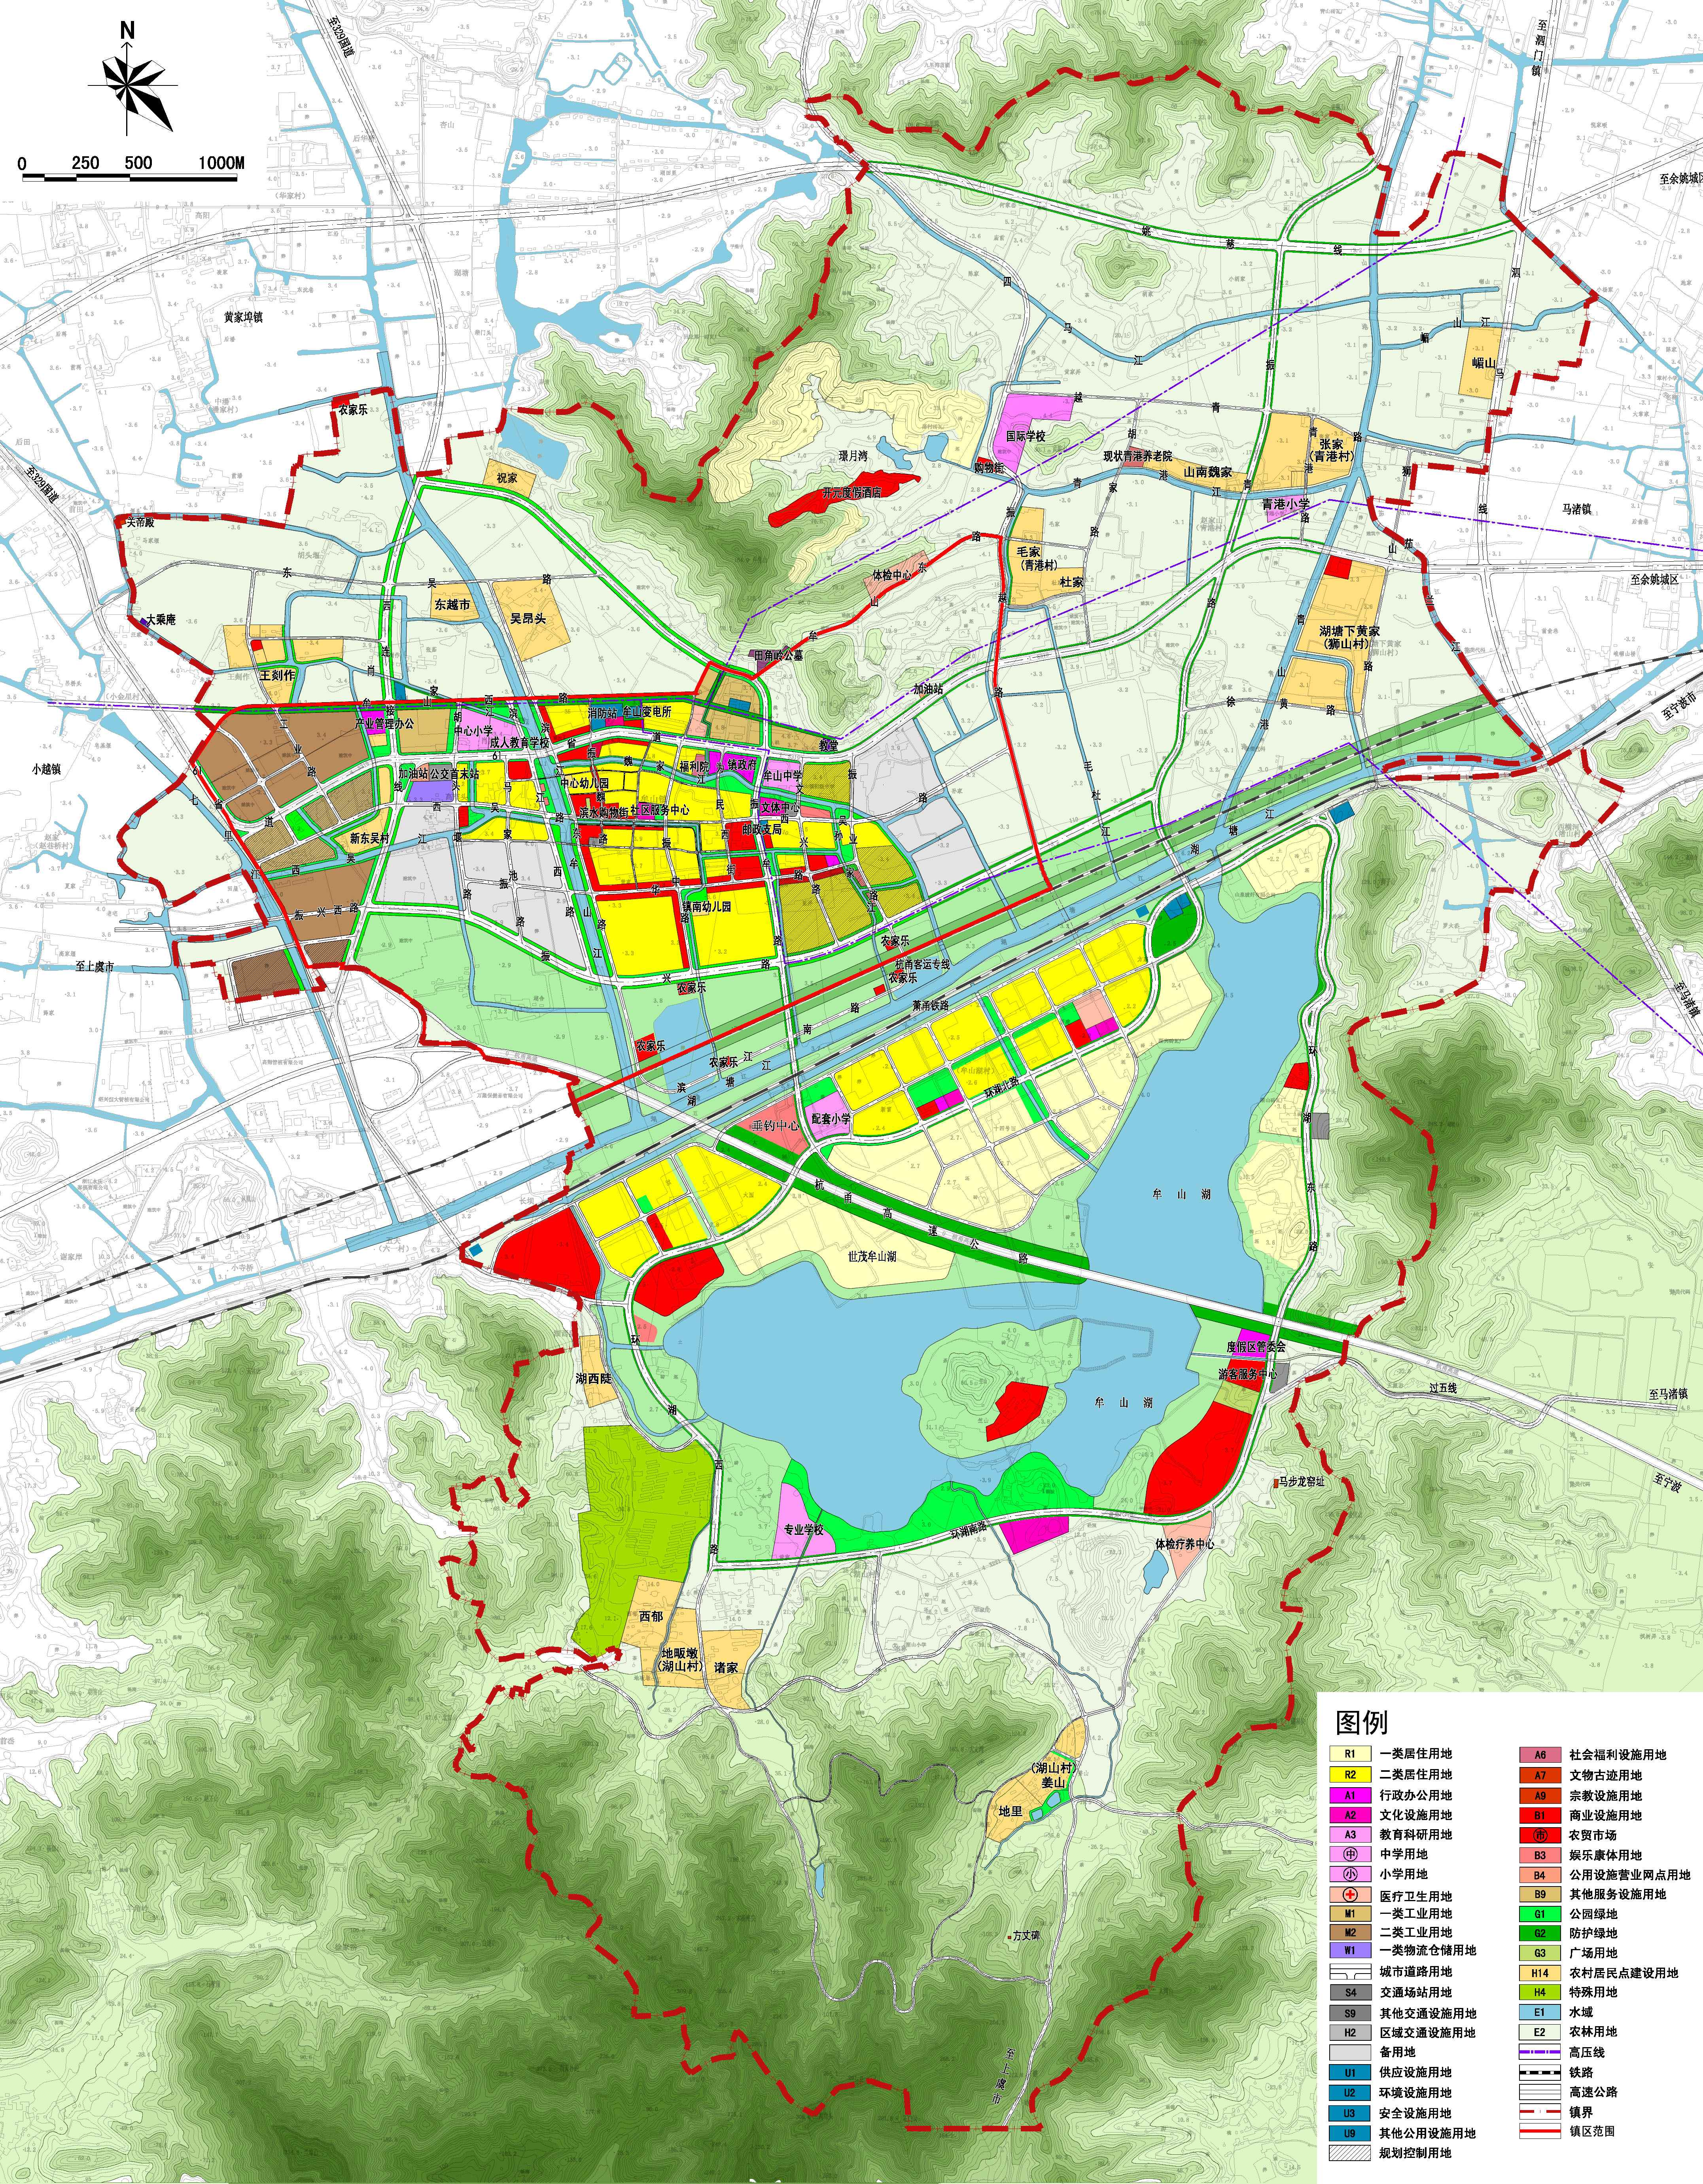 土地使用规划图